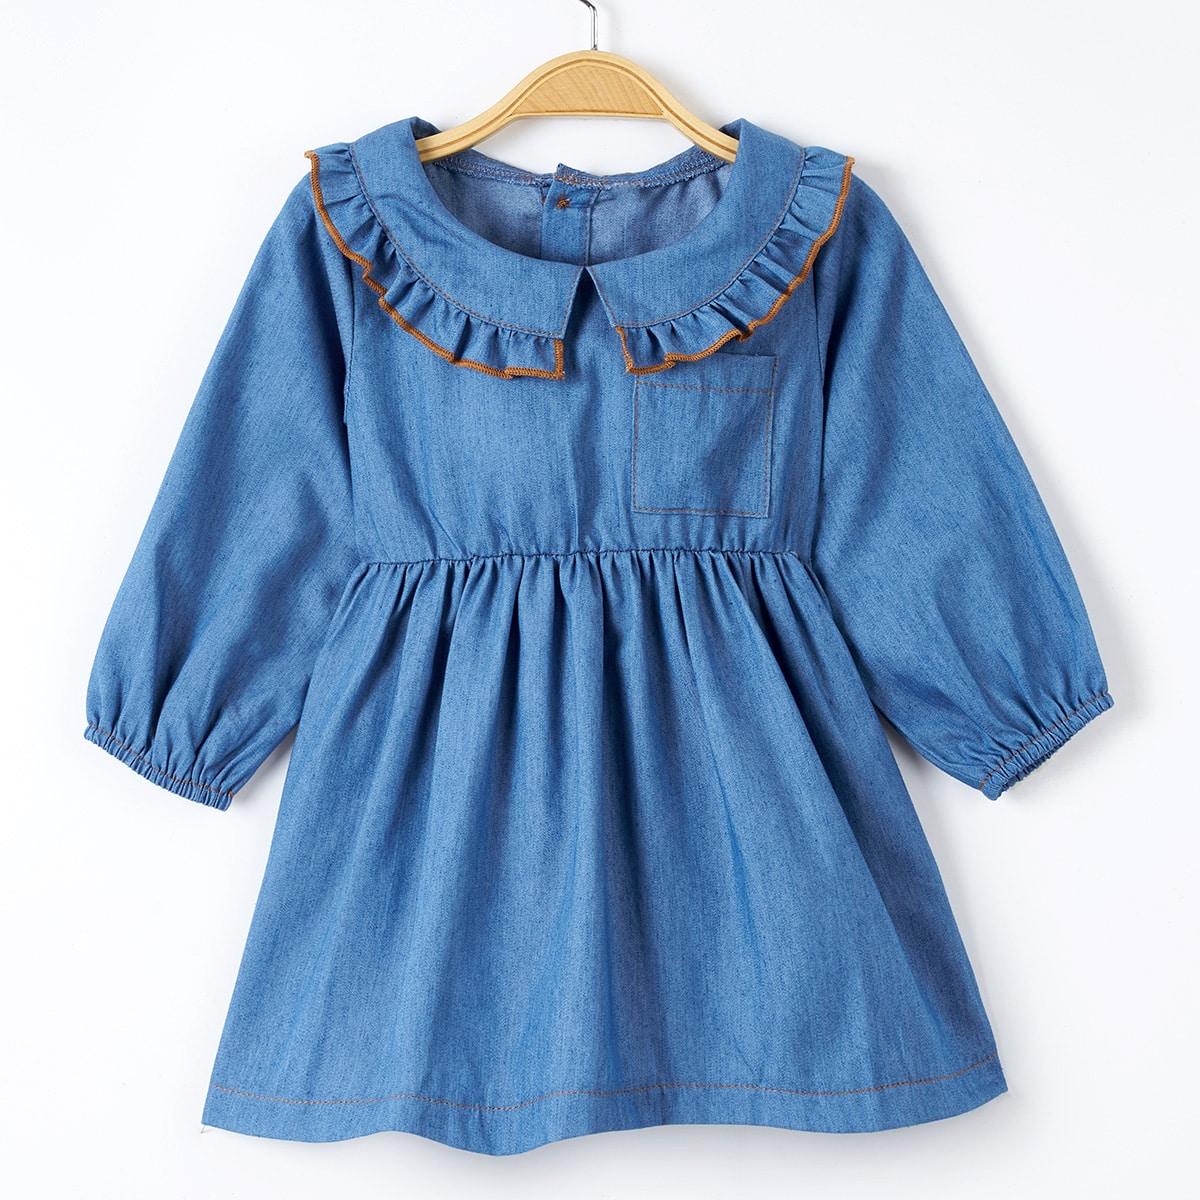 Джинсовое платье с карманом и пуговицами для девочек от SHEIN